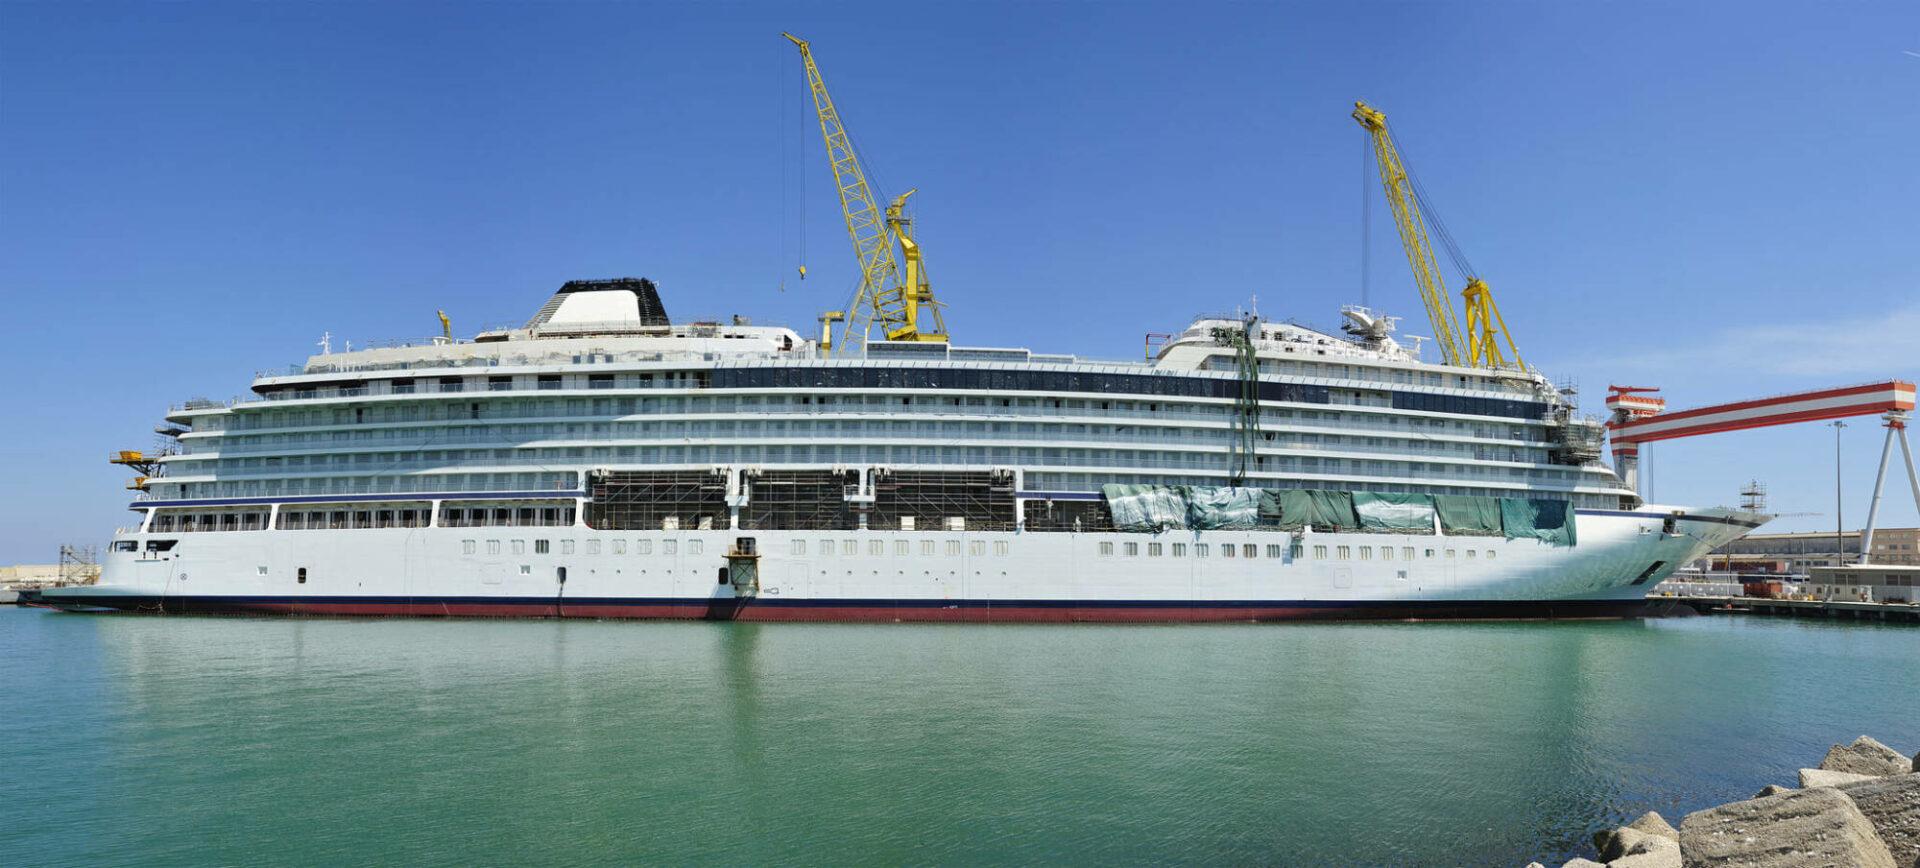 Un bateau de croisière prendra bientôt la mer&#8230;<br /> <strong>SFIL participe</strong>